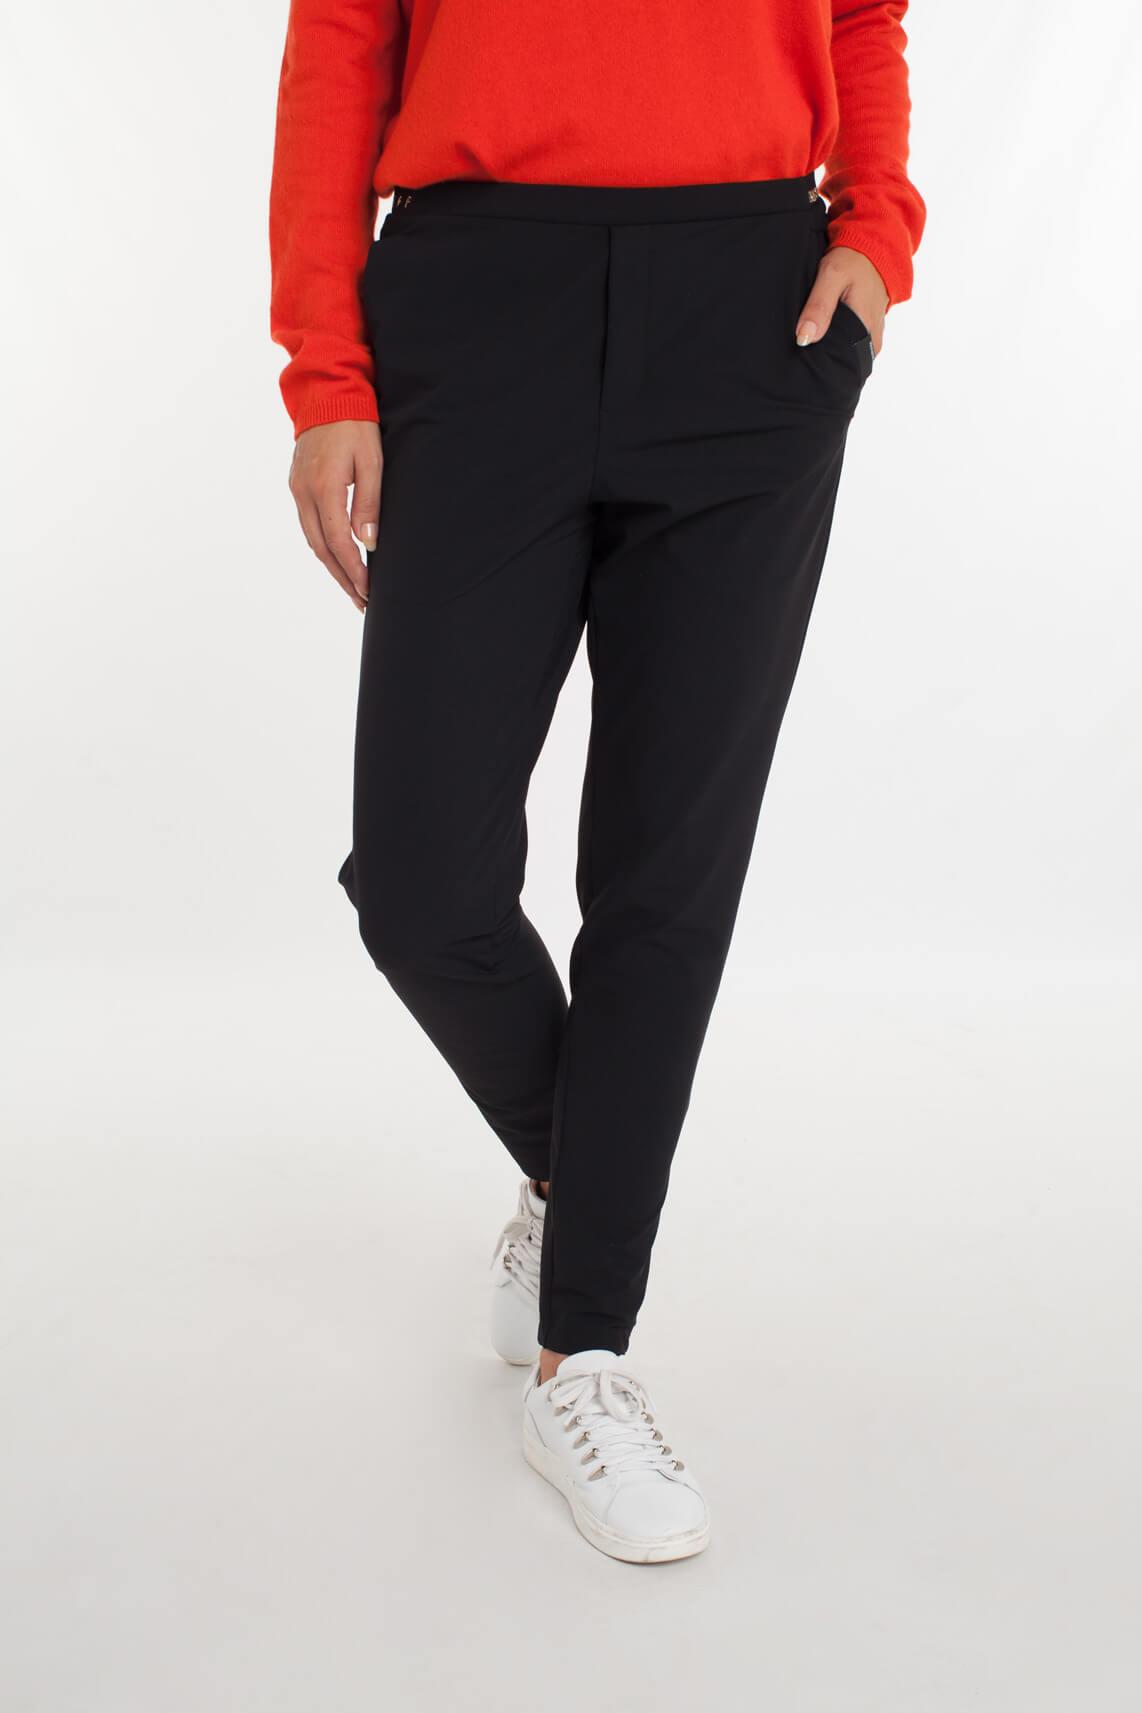 Penn & Ink Dames Jersey pantalon zwart